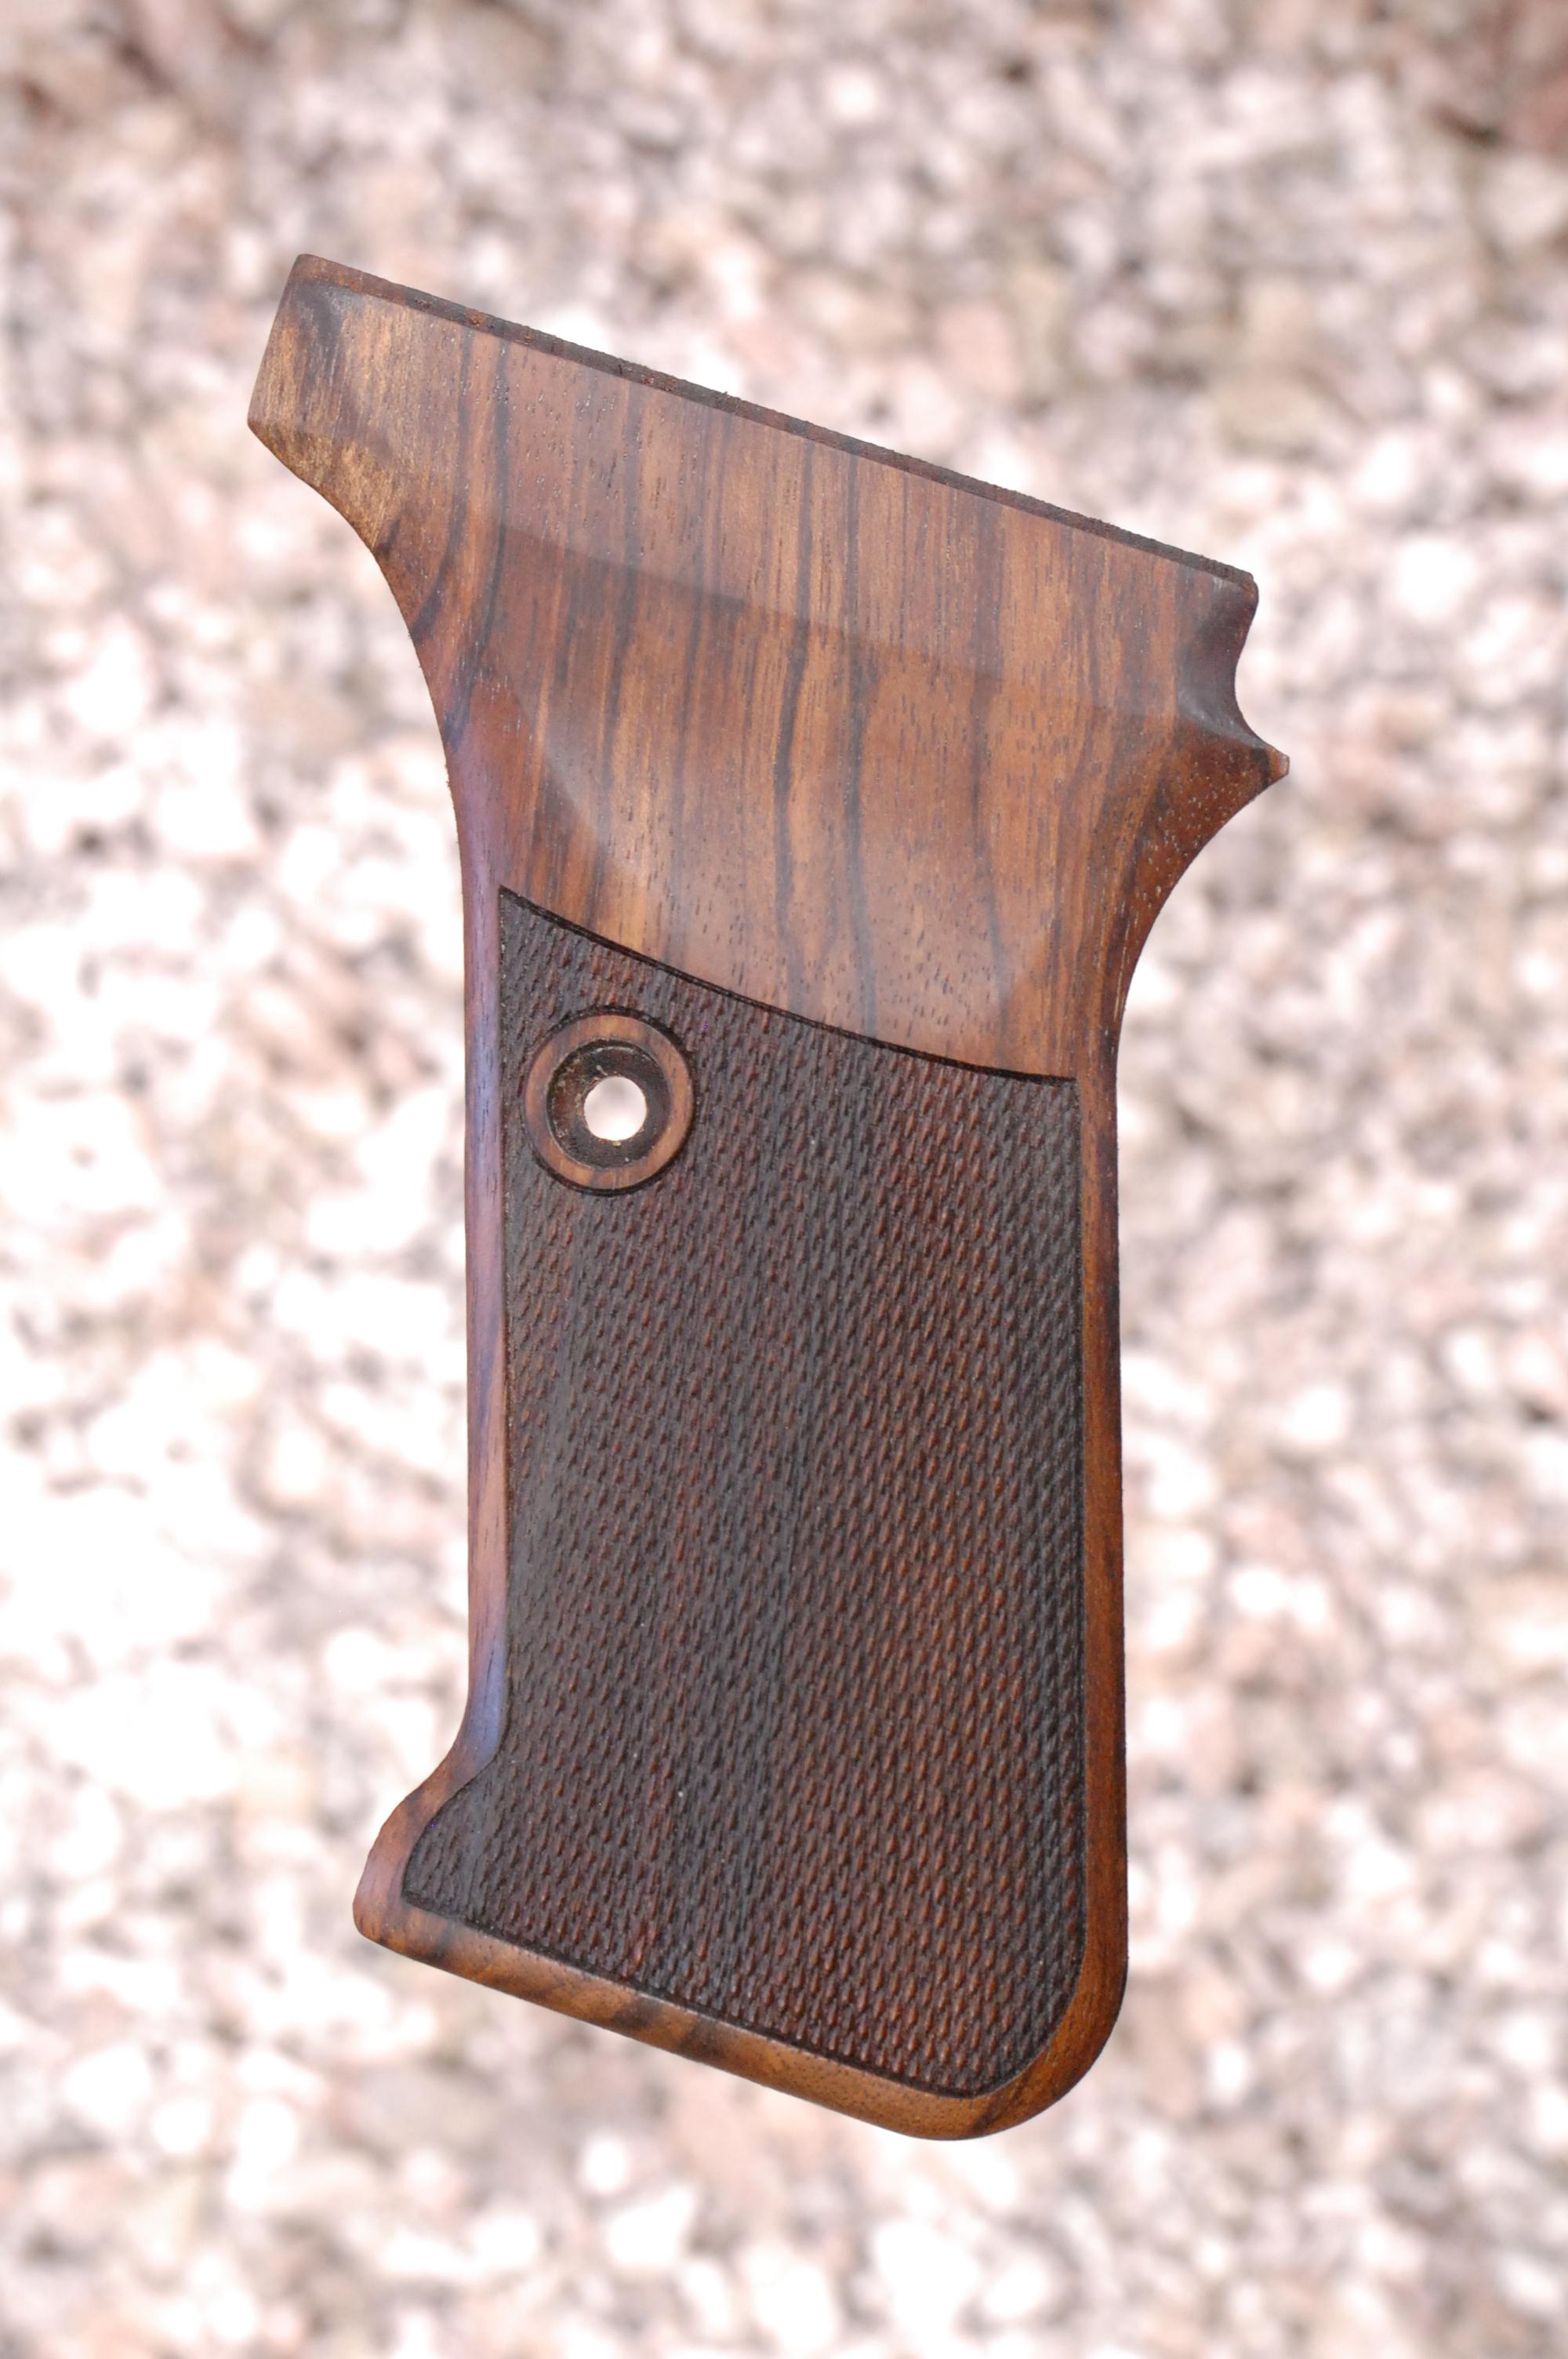 HK P7 GRIPS w/ flush mag.rel (checkered) - full size